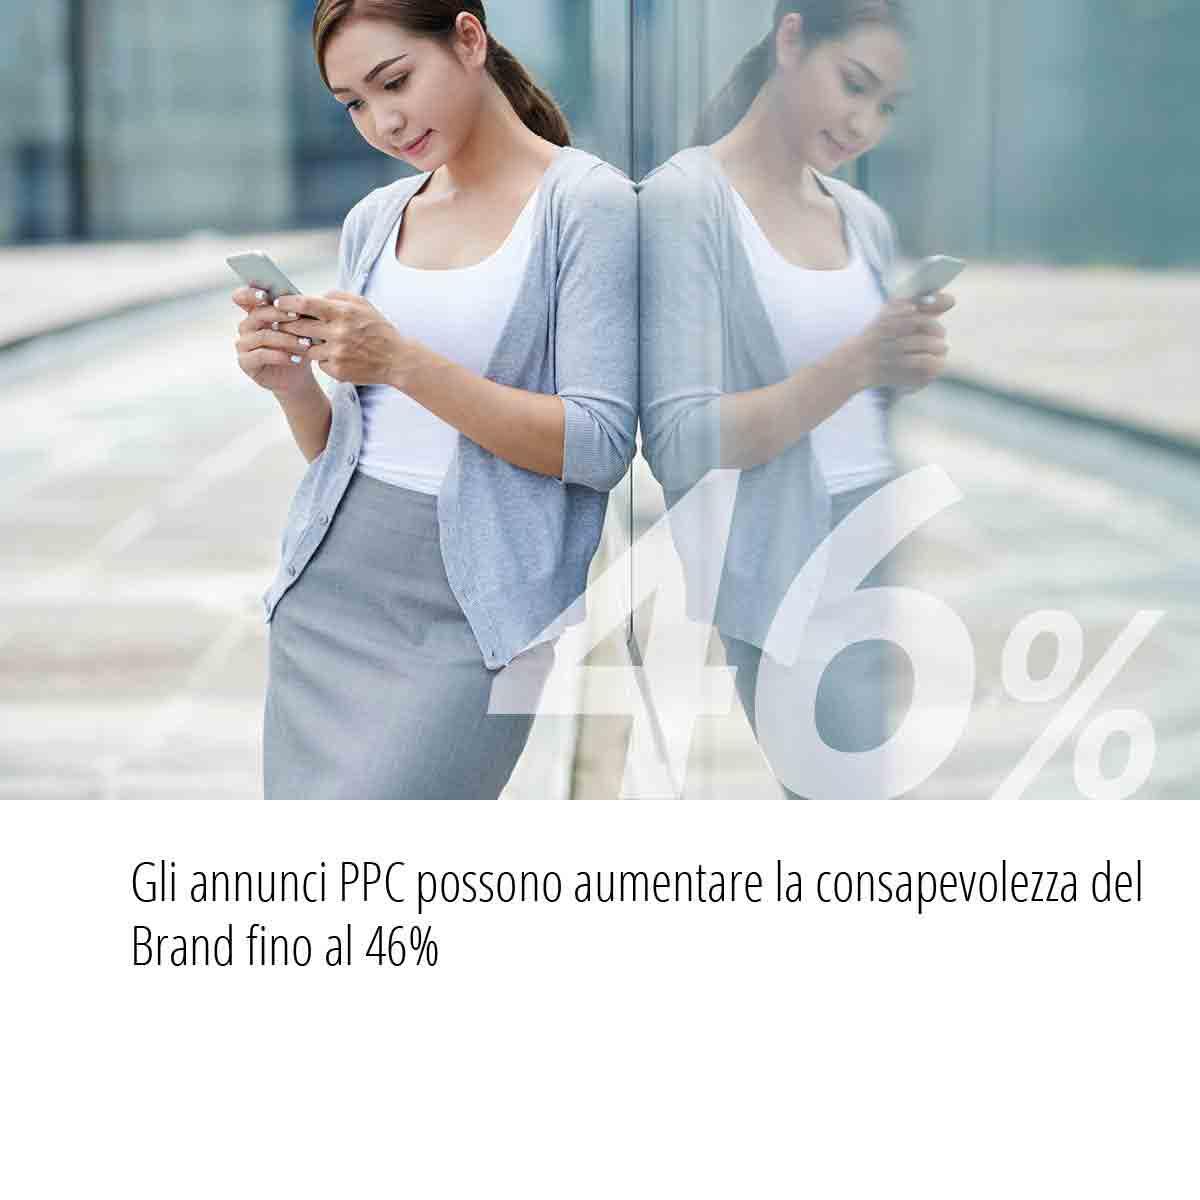 Statistiche Campagne PPC consapevolezza del brand